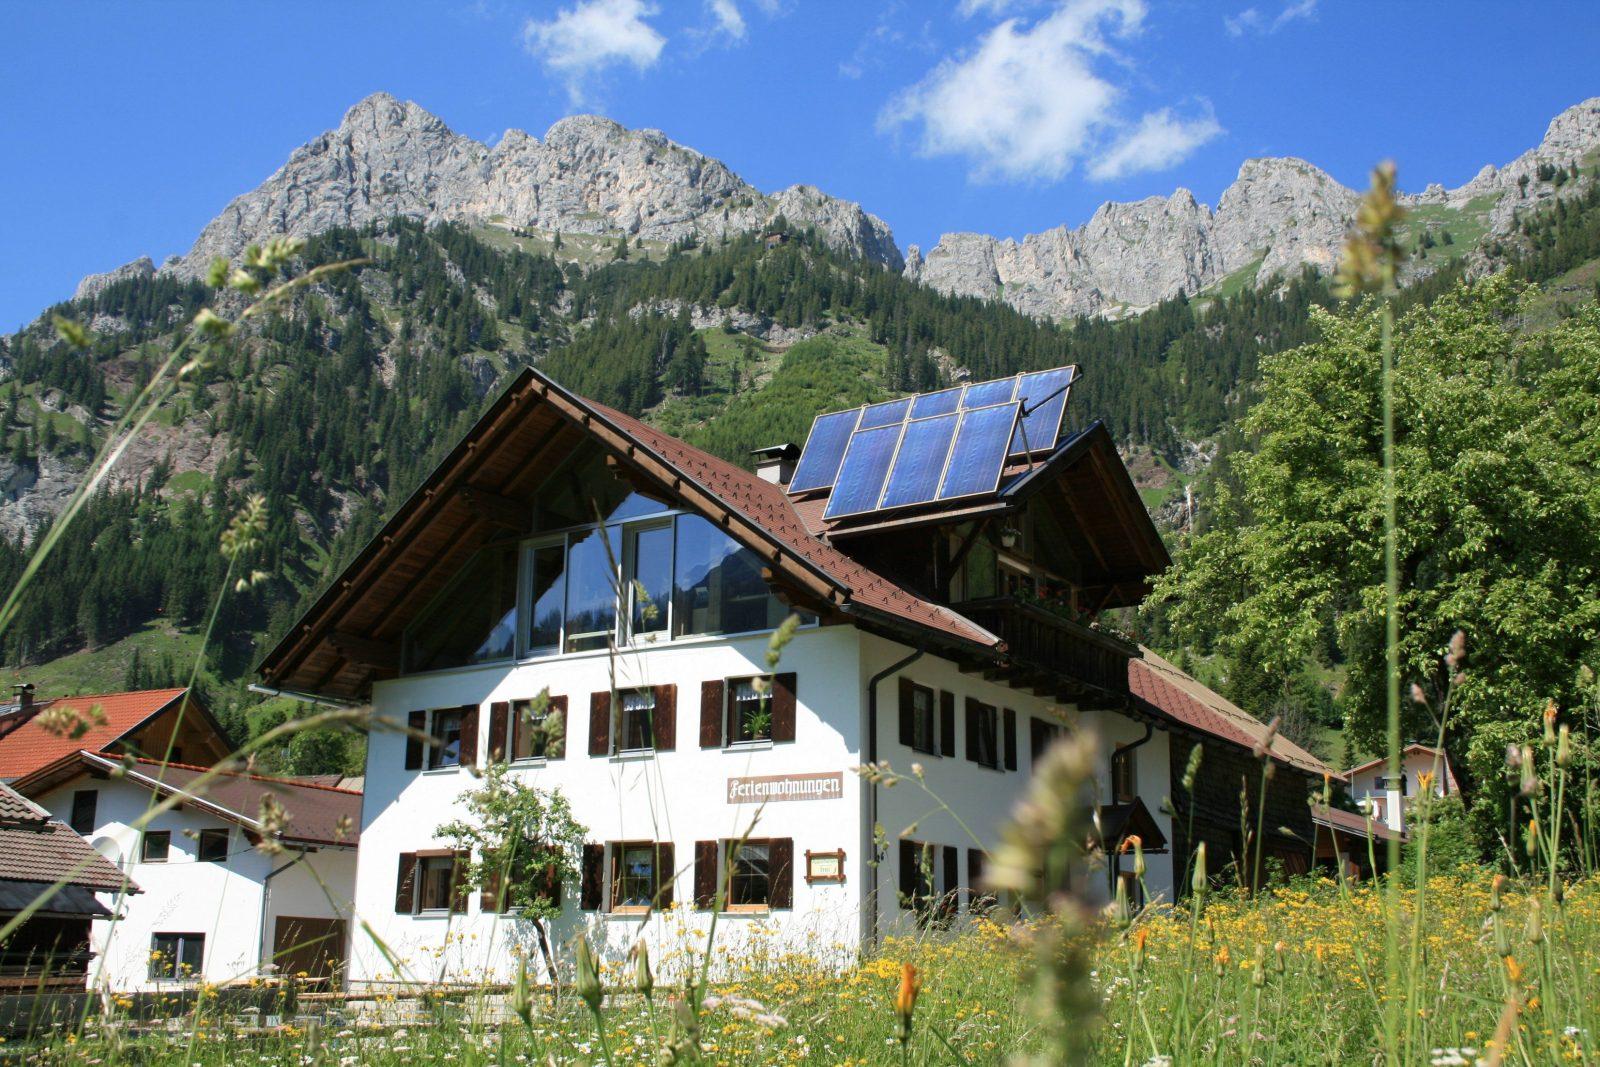 Ferienhaus Im Tannheimer Tal  Tannheimer Tal Tourismus von Haus Kaufen Tannheimer Tal Bild